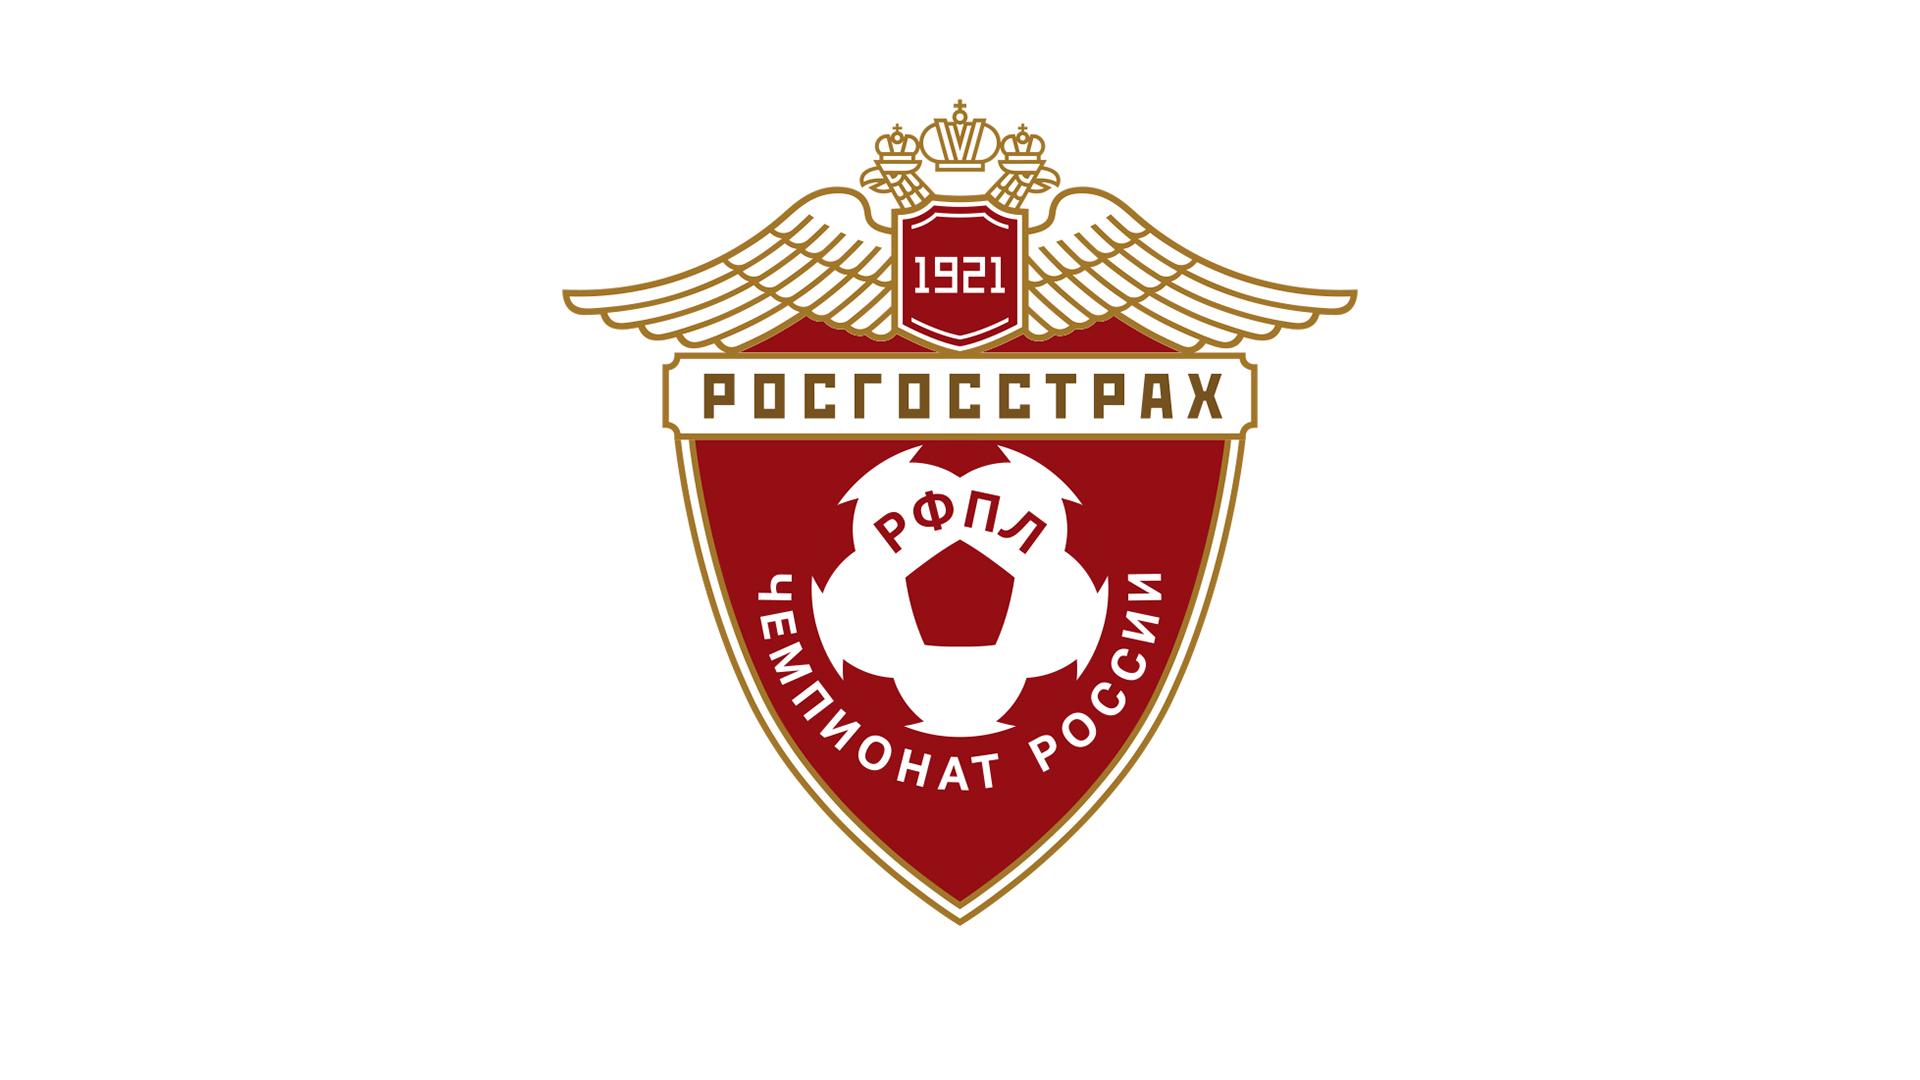 Официальные лица 1-го тура РОСГОССТРАХ Чемпионата России по футболу